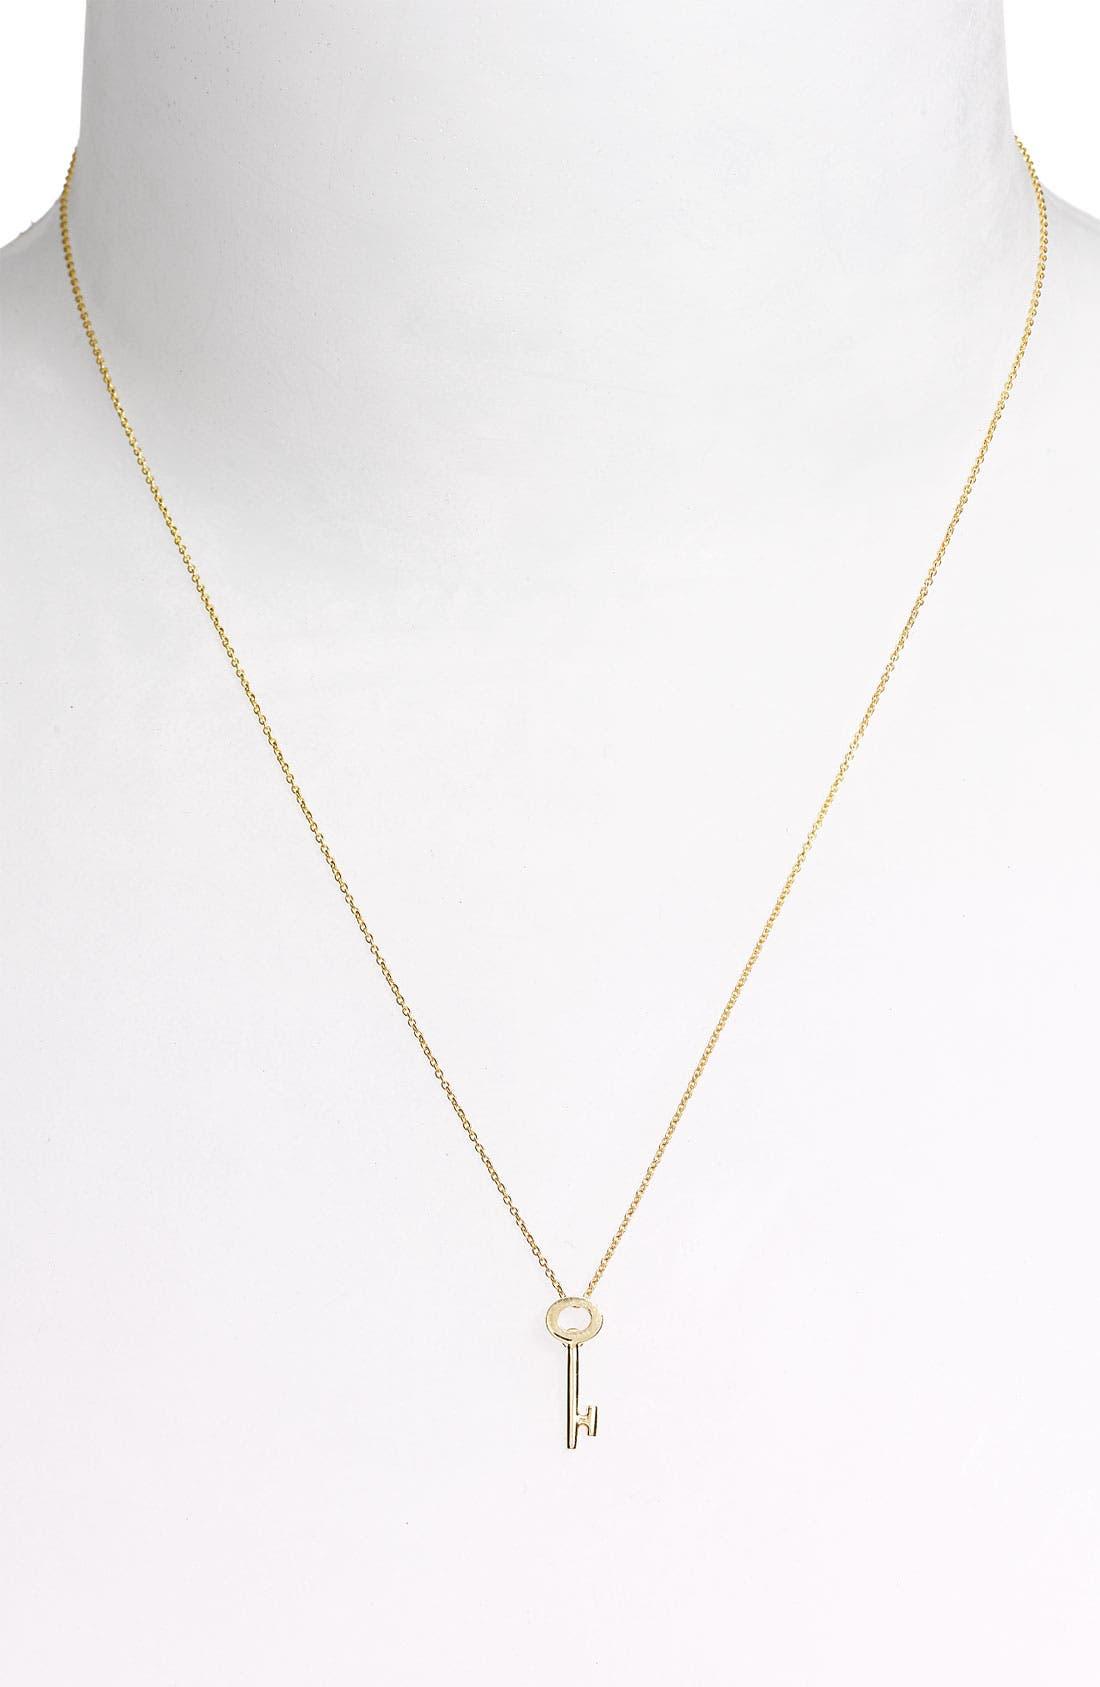 Main Image - Roberto Coin 'Tiny Treasures' Key Necklace